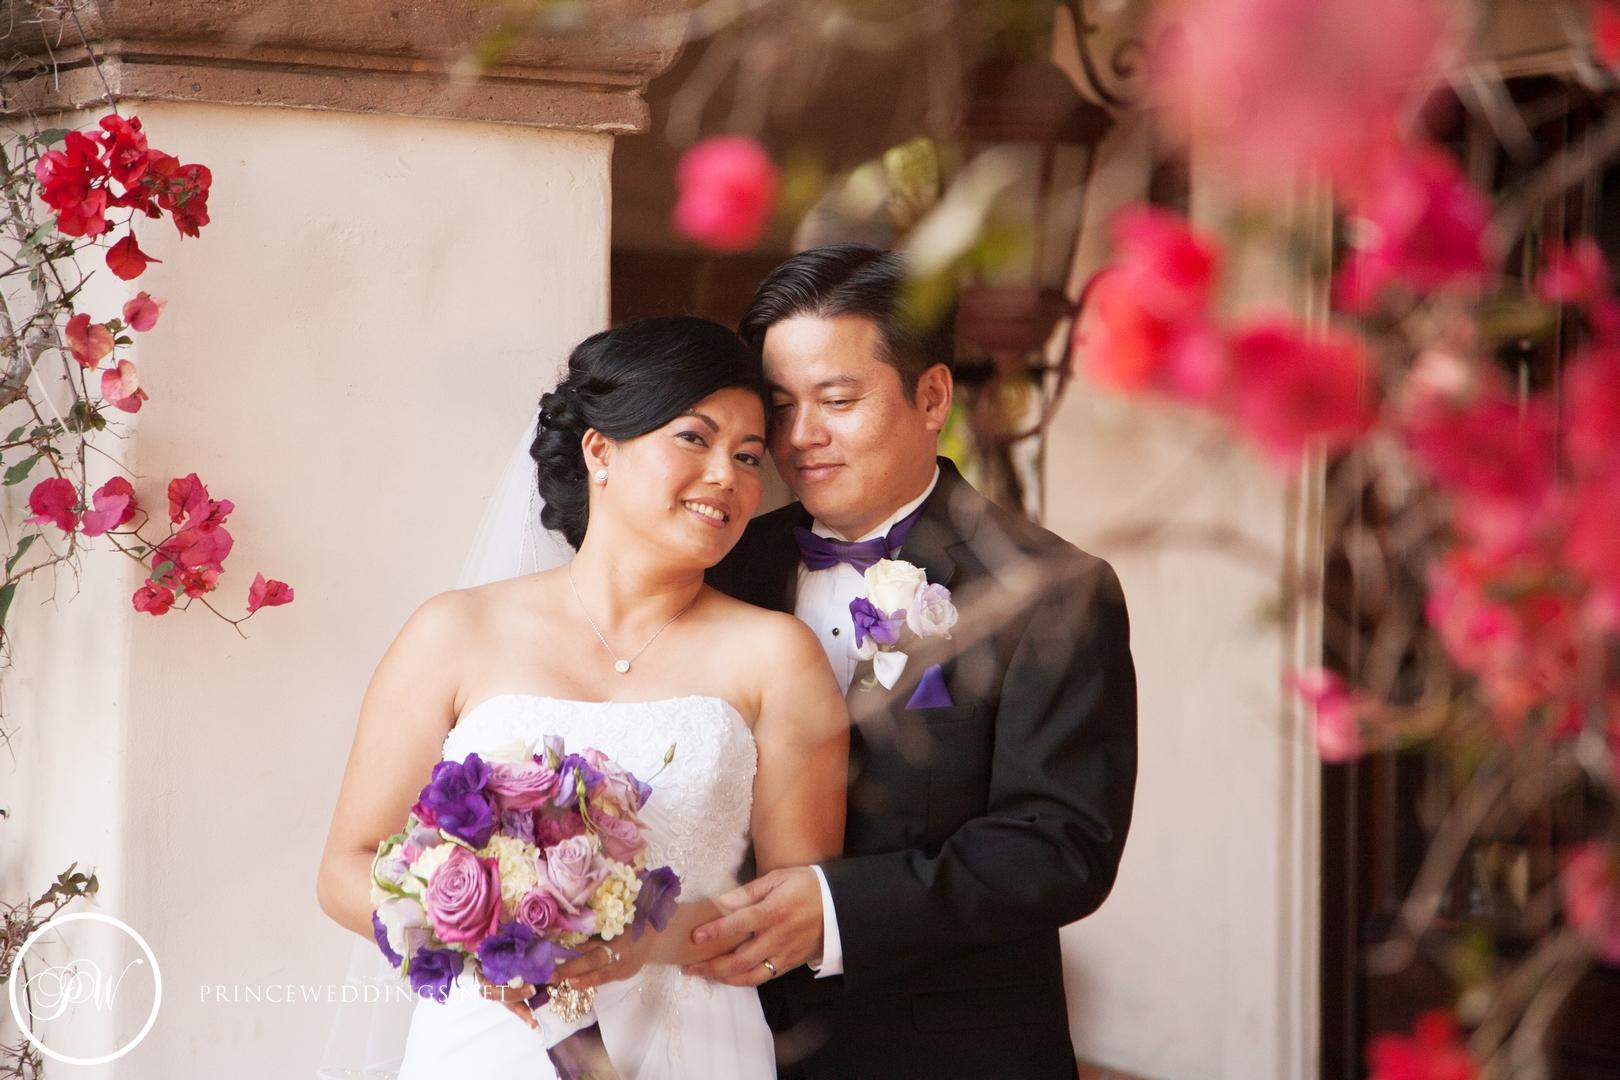 TurnipRose_Wedding_Photography_James+Luisa84.jpg